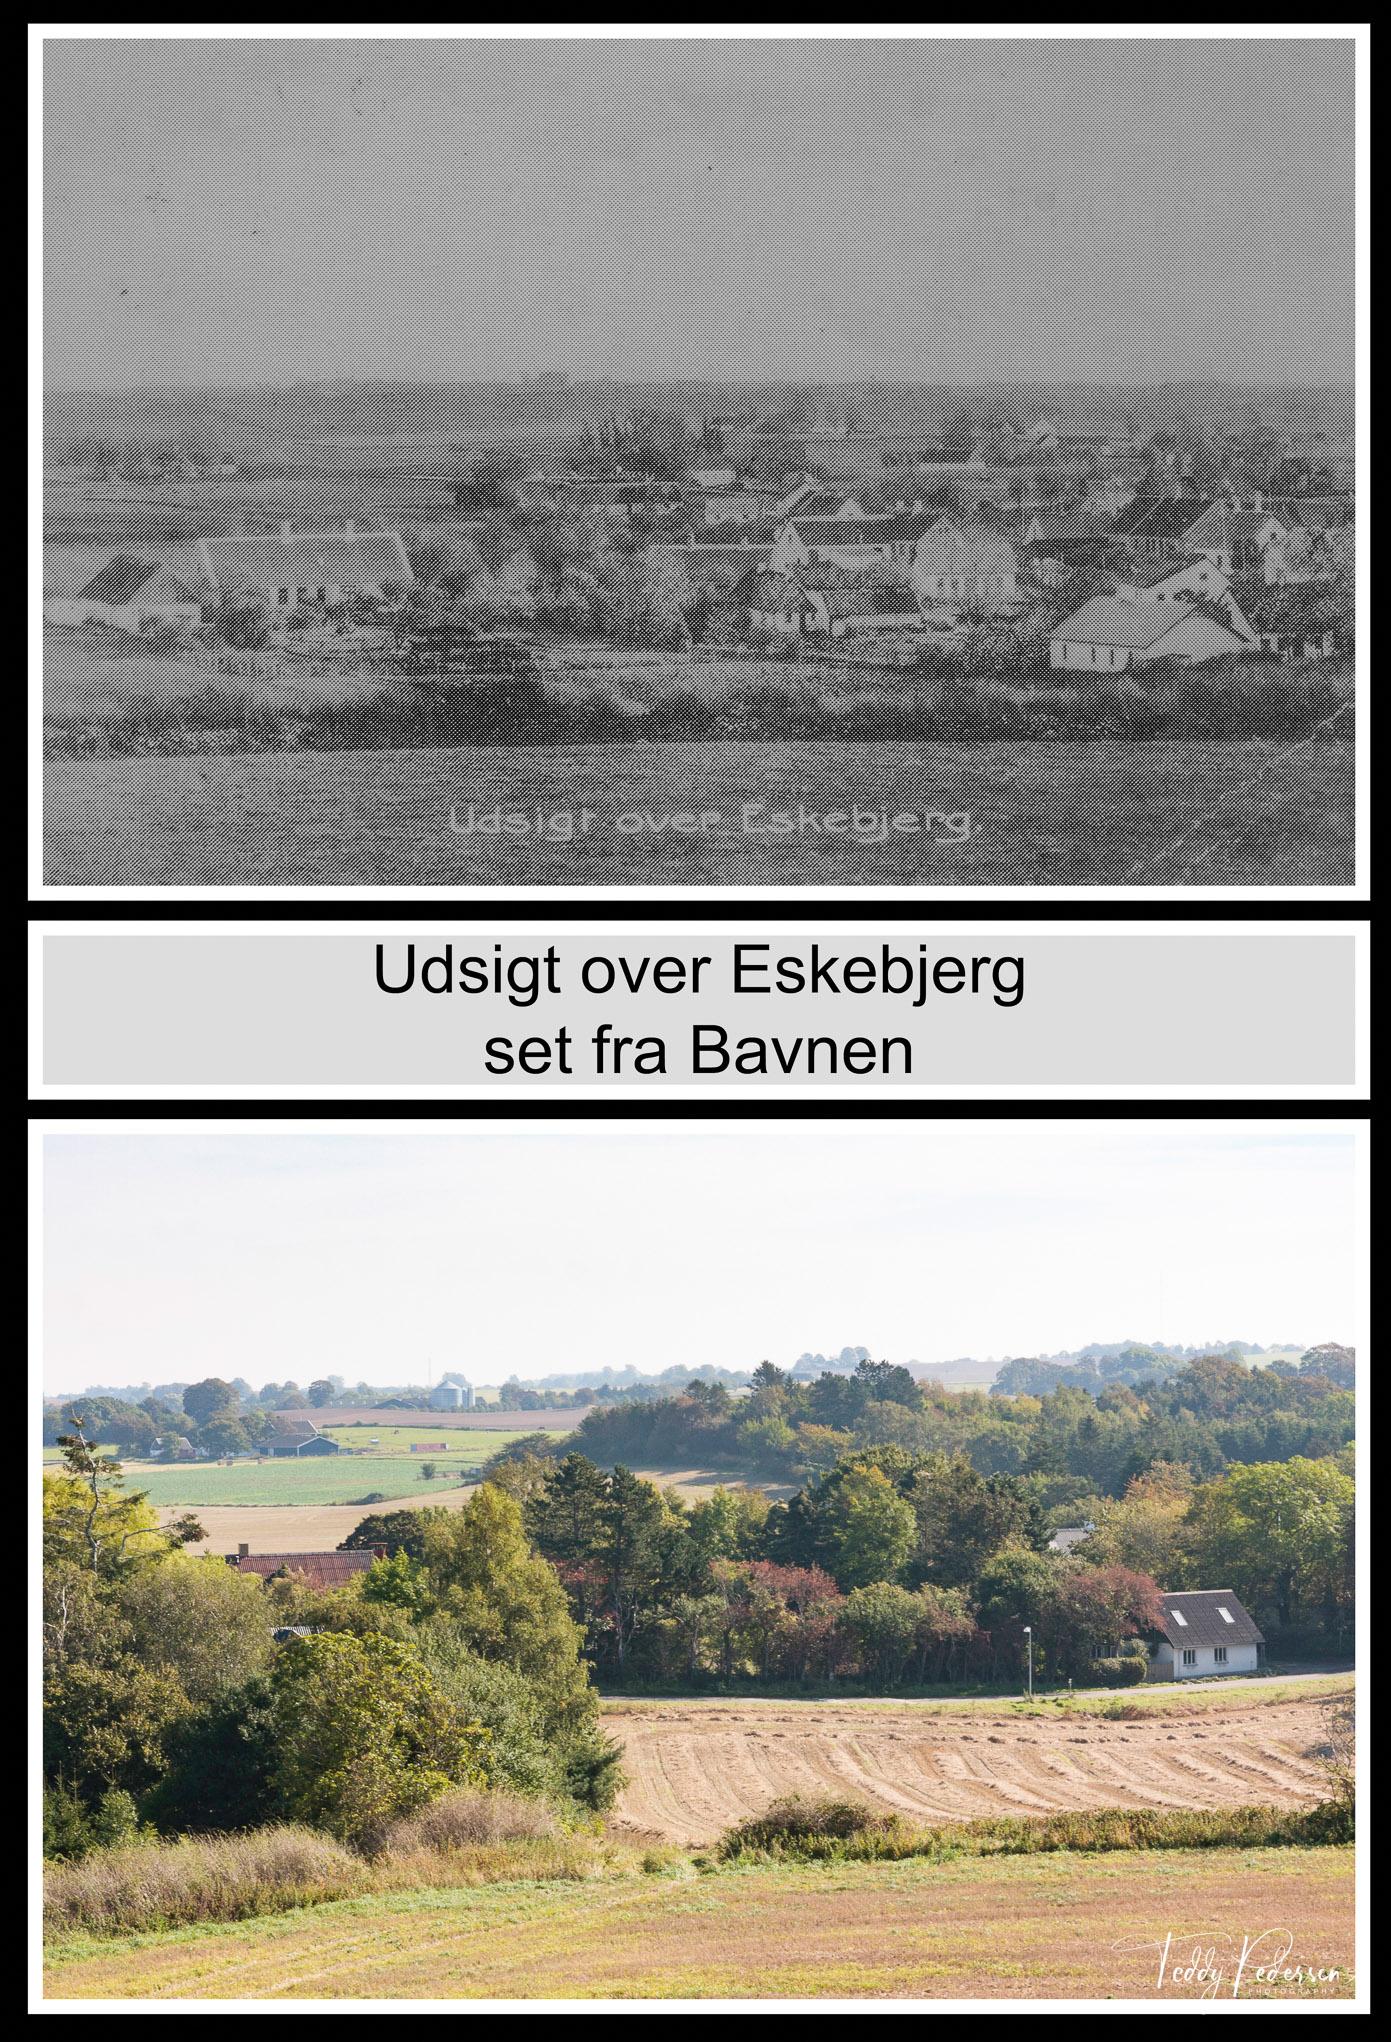 033-003-Udsigt-over-Eskebjerg_HighRes_LowRes